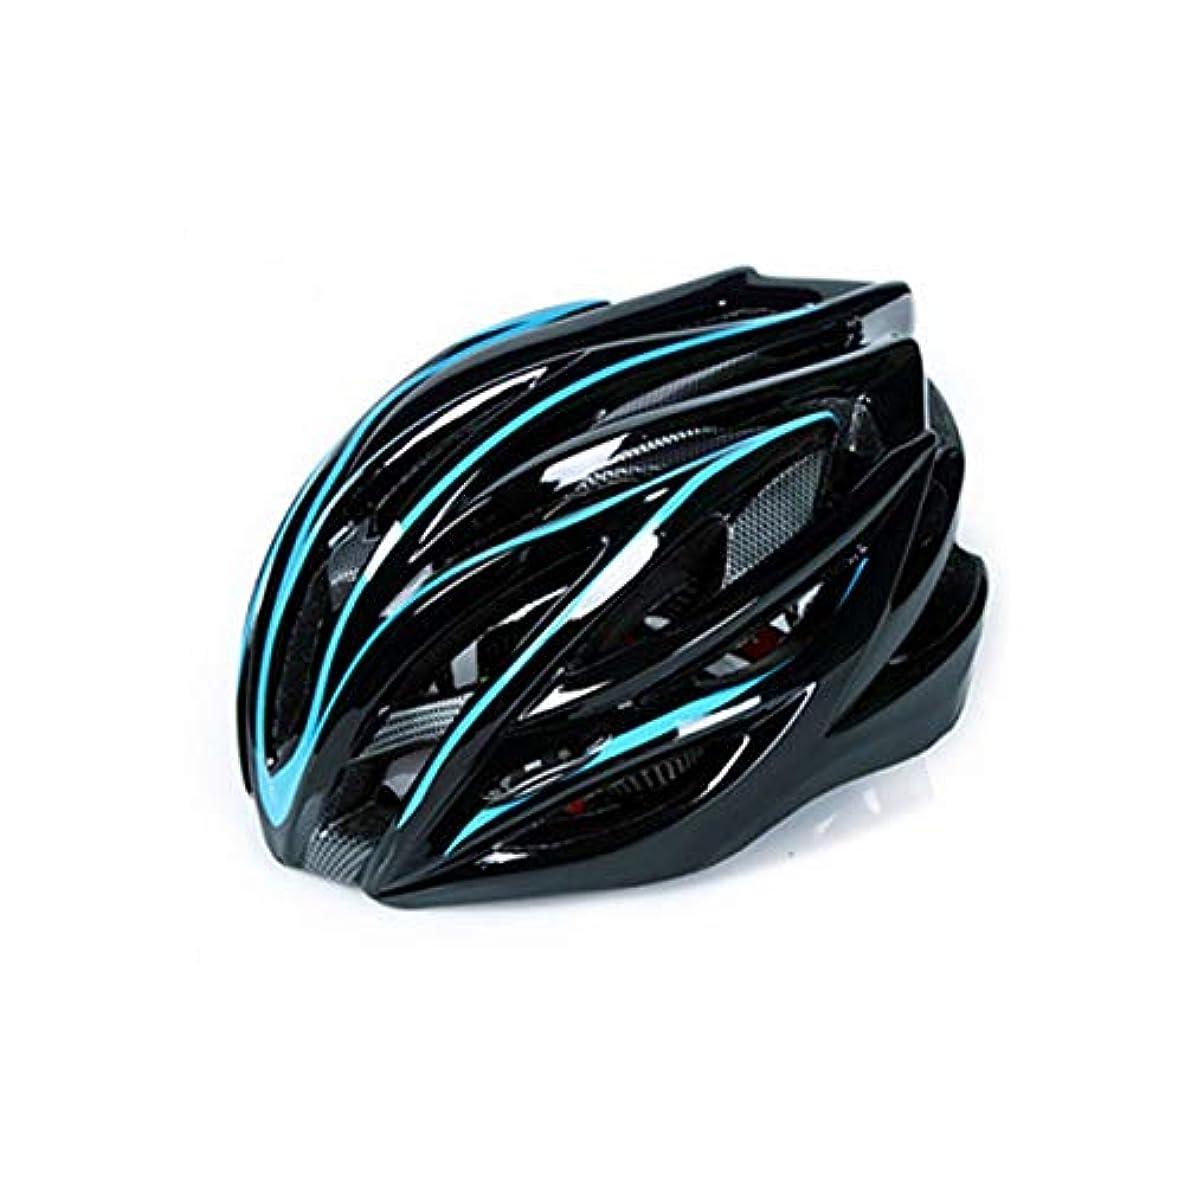 信者差別擬人化CQIANG エアフロー自転車用ヘルメット、インモールド補強スケルトン、追加保護、For 54-62 Cmヘッドの円周に適し、黄色、赤、緑、青 ComfortSafety